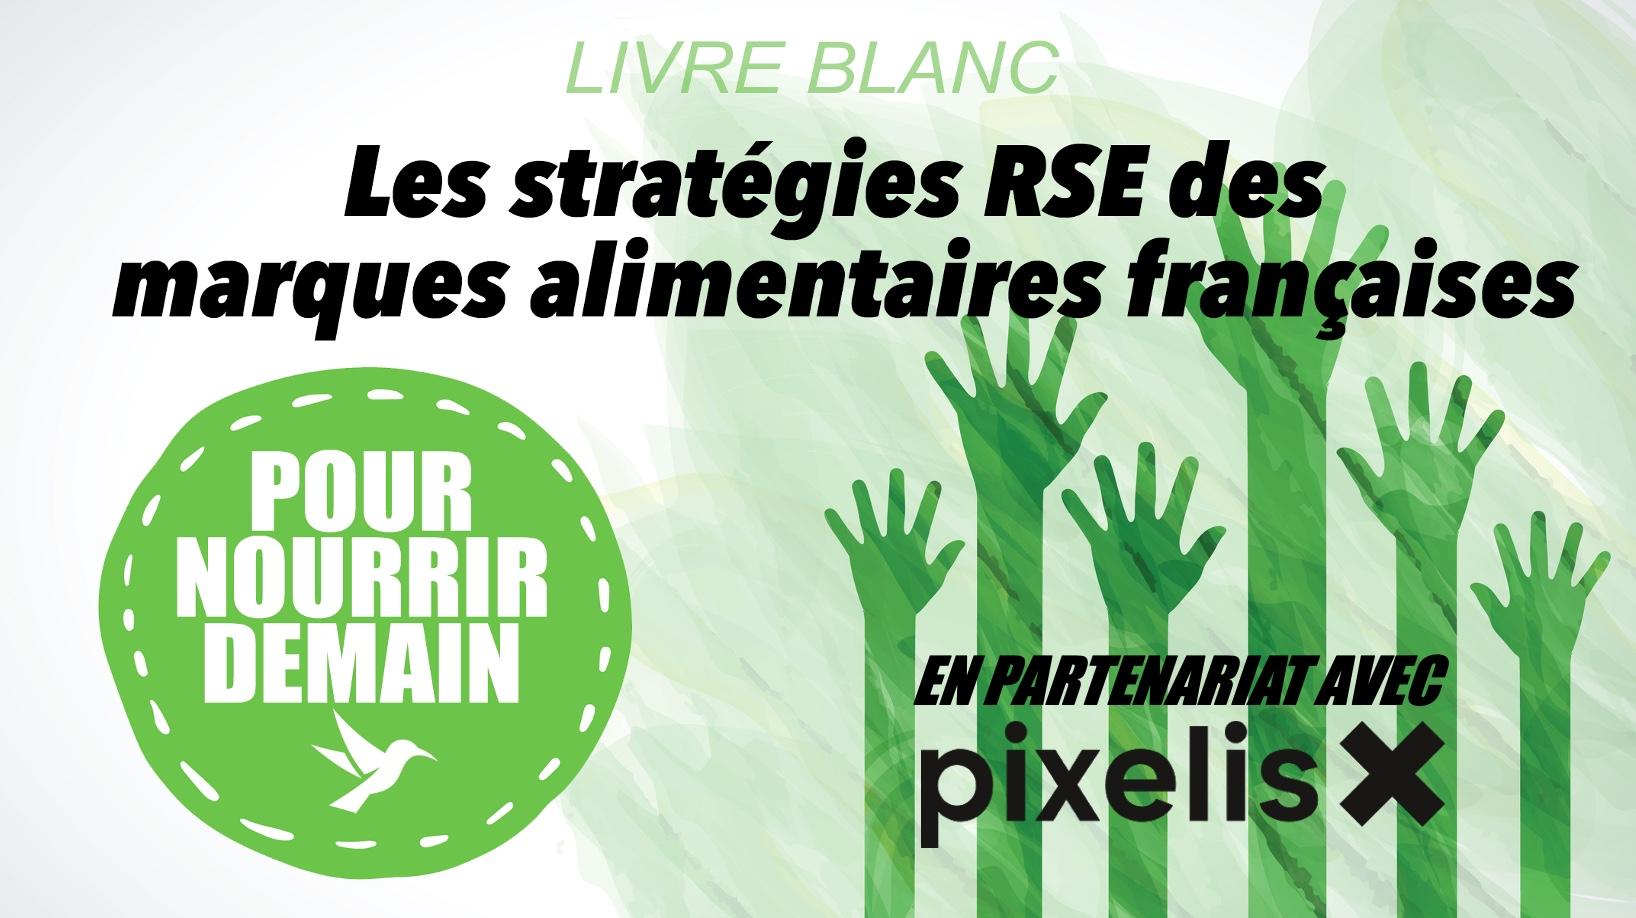 Capture decran 2021 03 09 a 09.00.17 1 - Télécharger le livre blanc « Les stratégies RSE des marques alimentaires françaises »